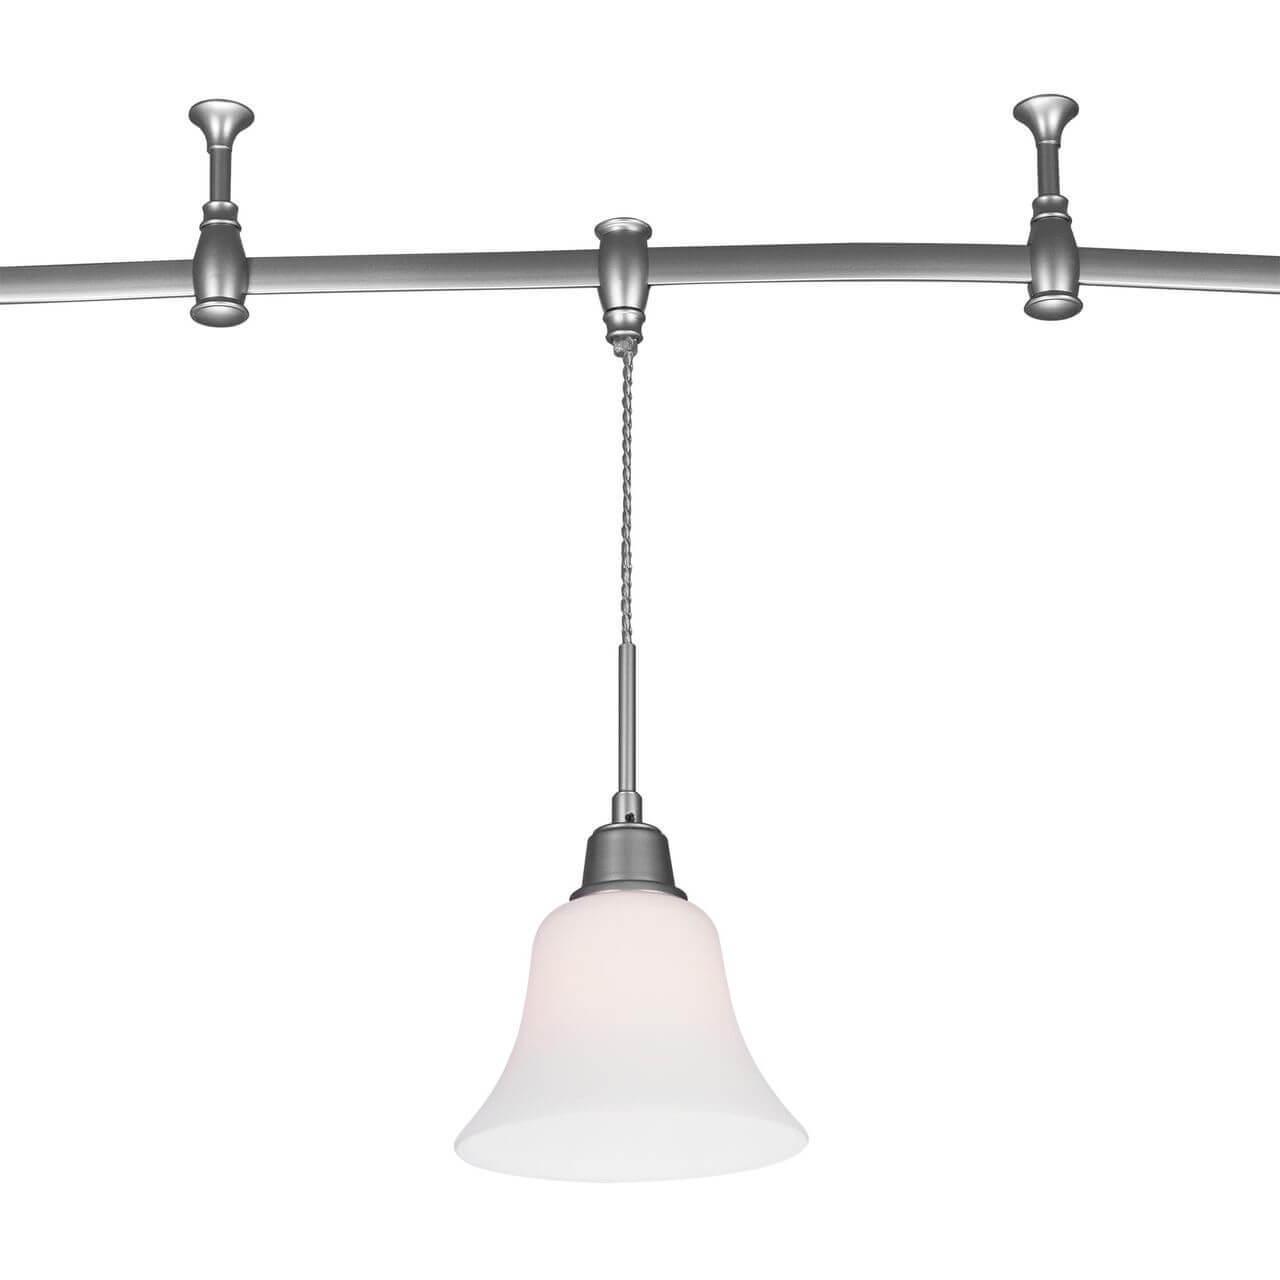 Светильник Citilux CL560211 Модерн Серебро citilux подвесной светильник citilux модерн cl560111